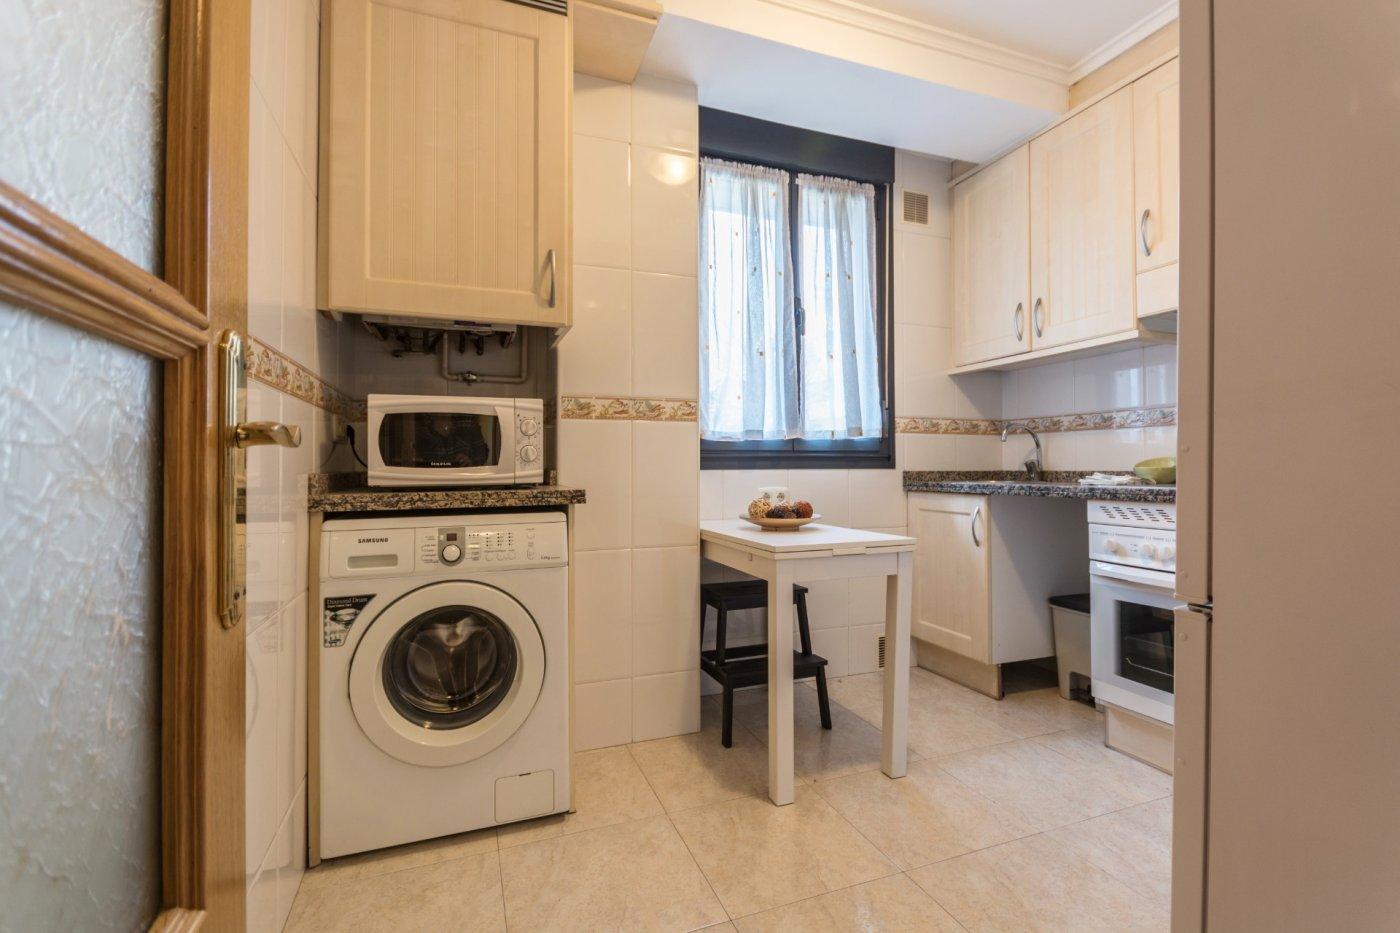 Apartamento seminuevo cerca de poniente - imagenInmueble10